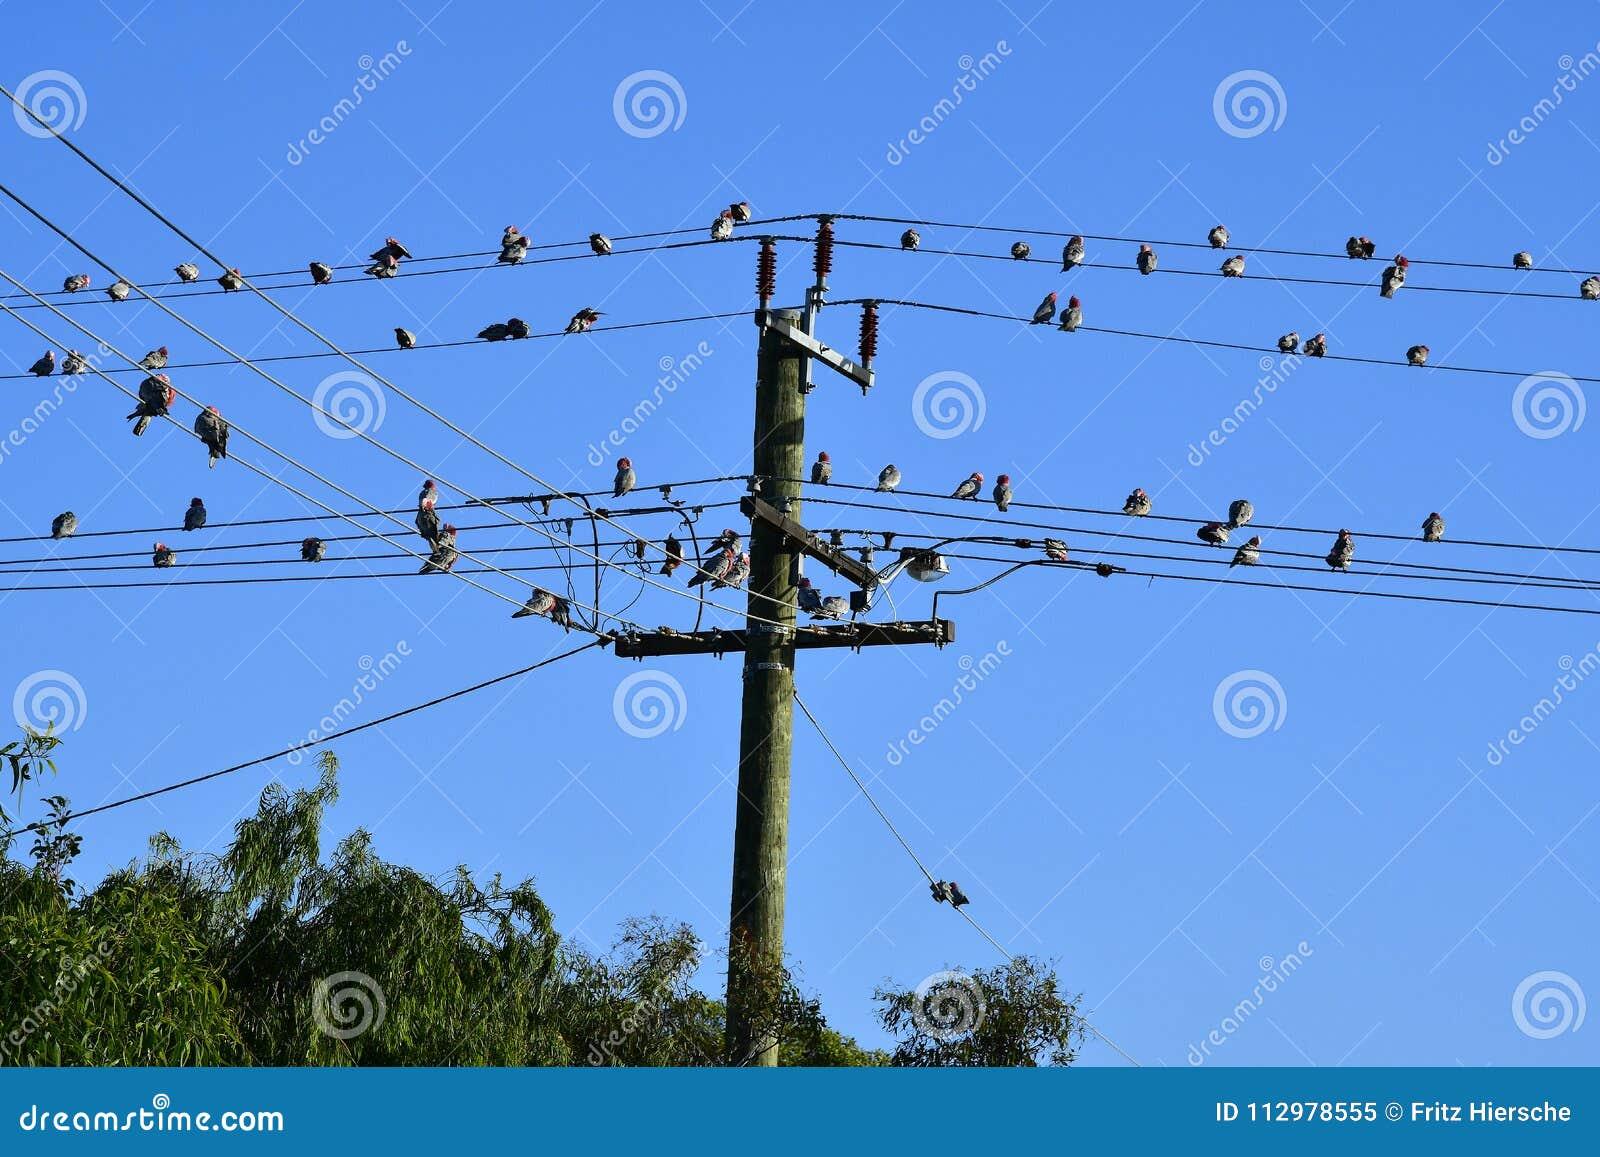 Australia, WA, Kalbarr, Birds